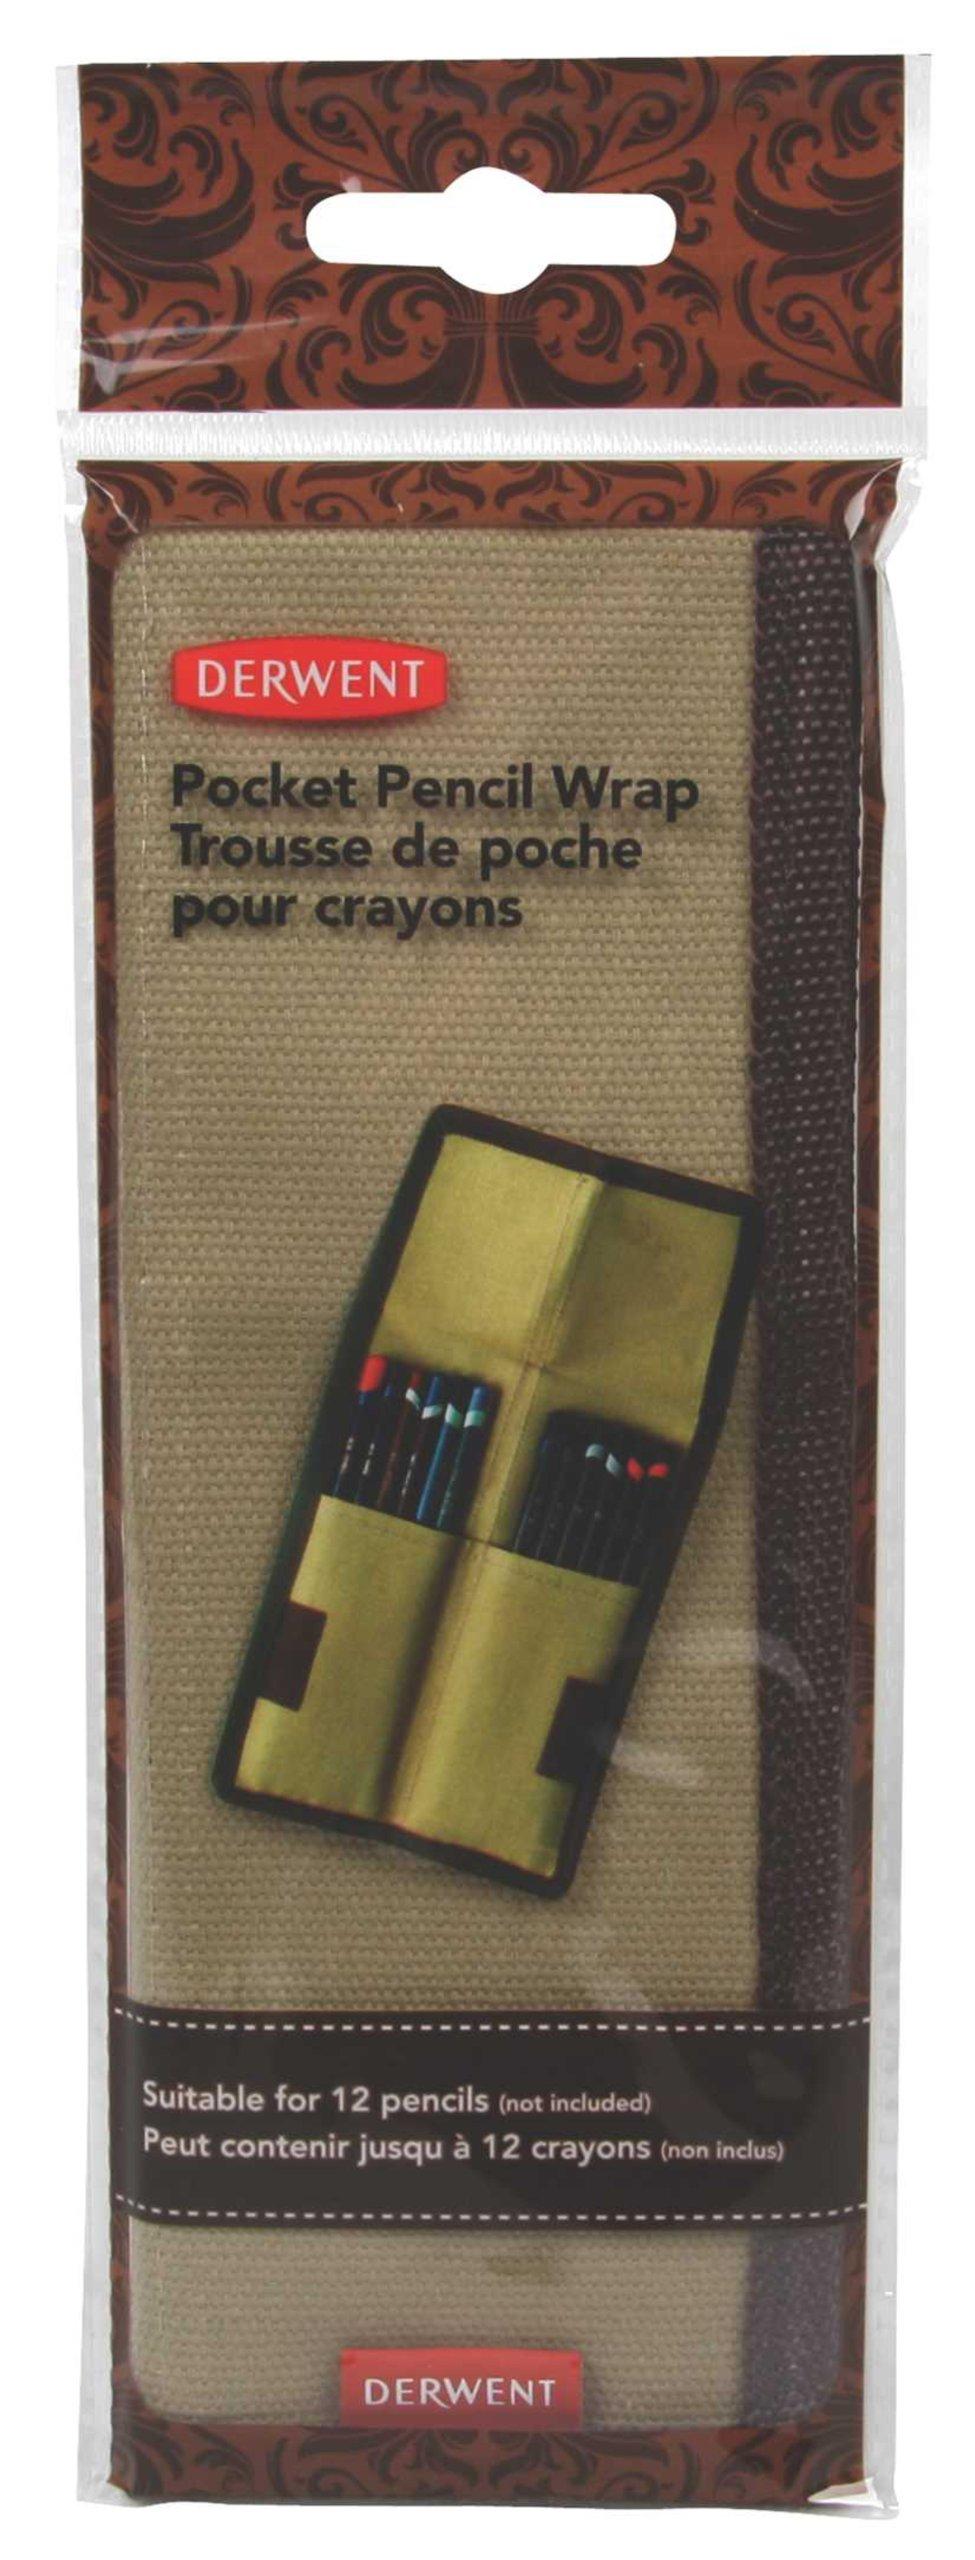 DERWENT 2300219 - Estuche Pocket: Amazon.es: Oficina y papelería